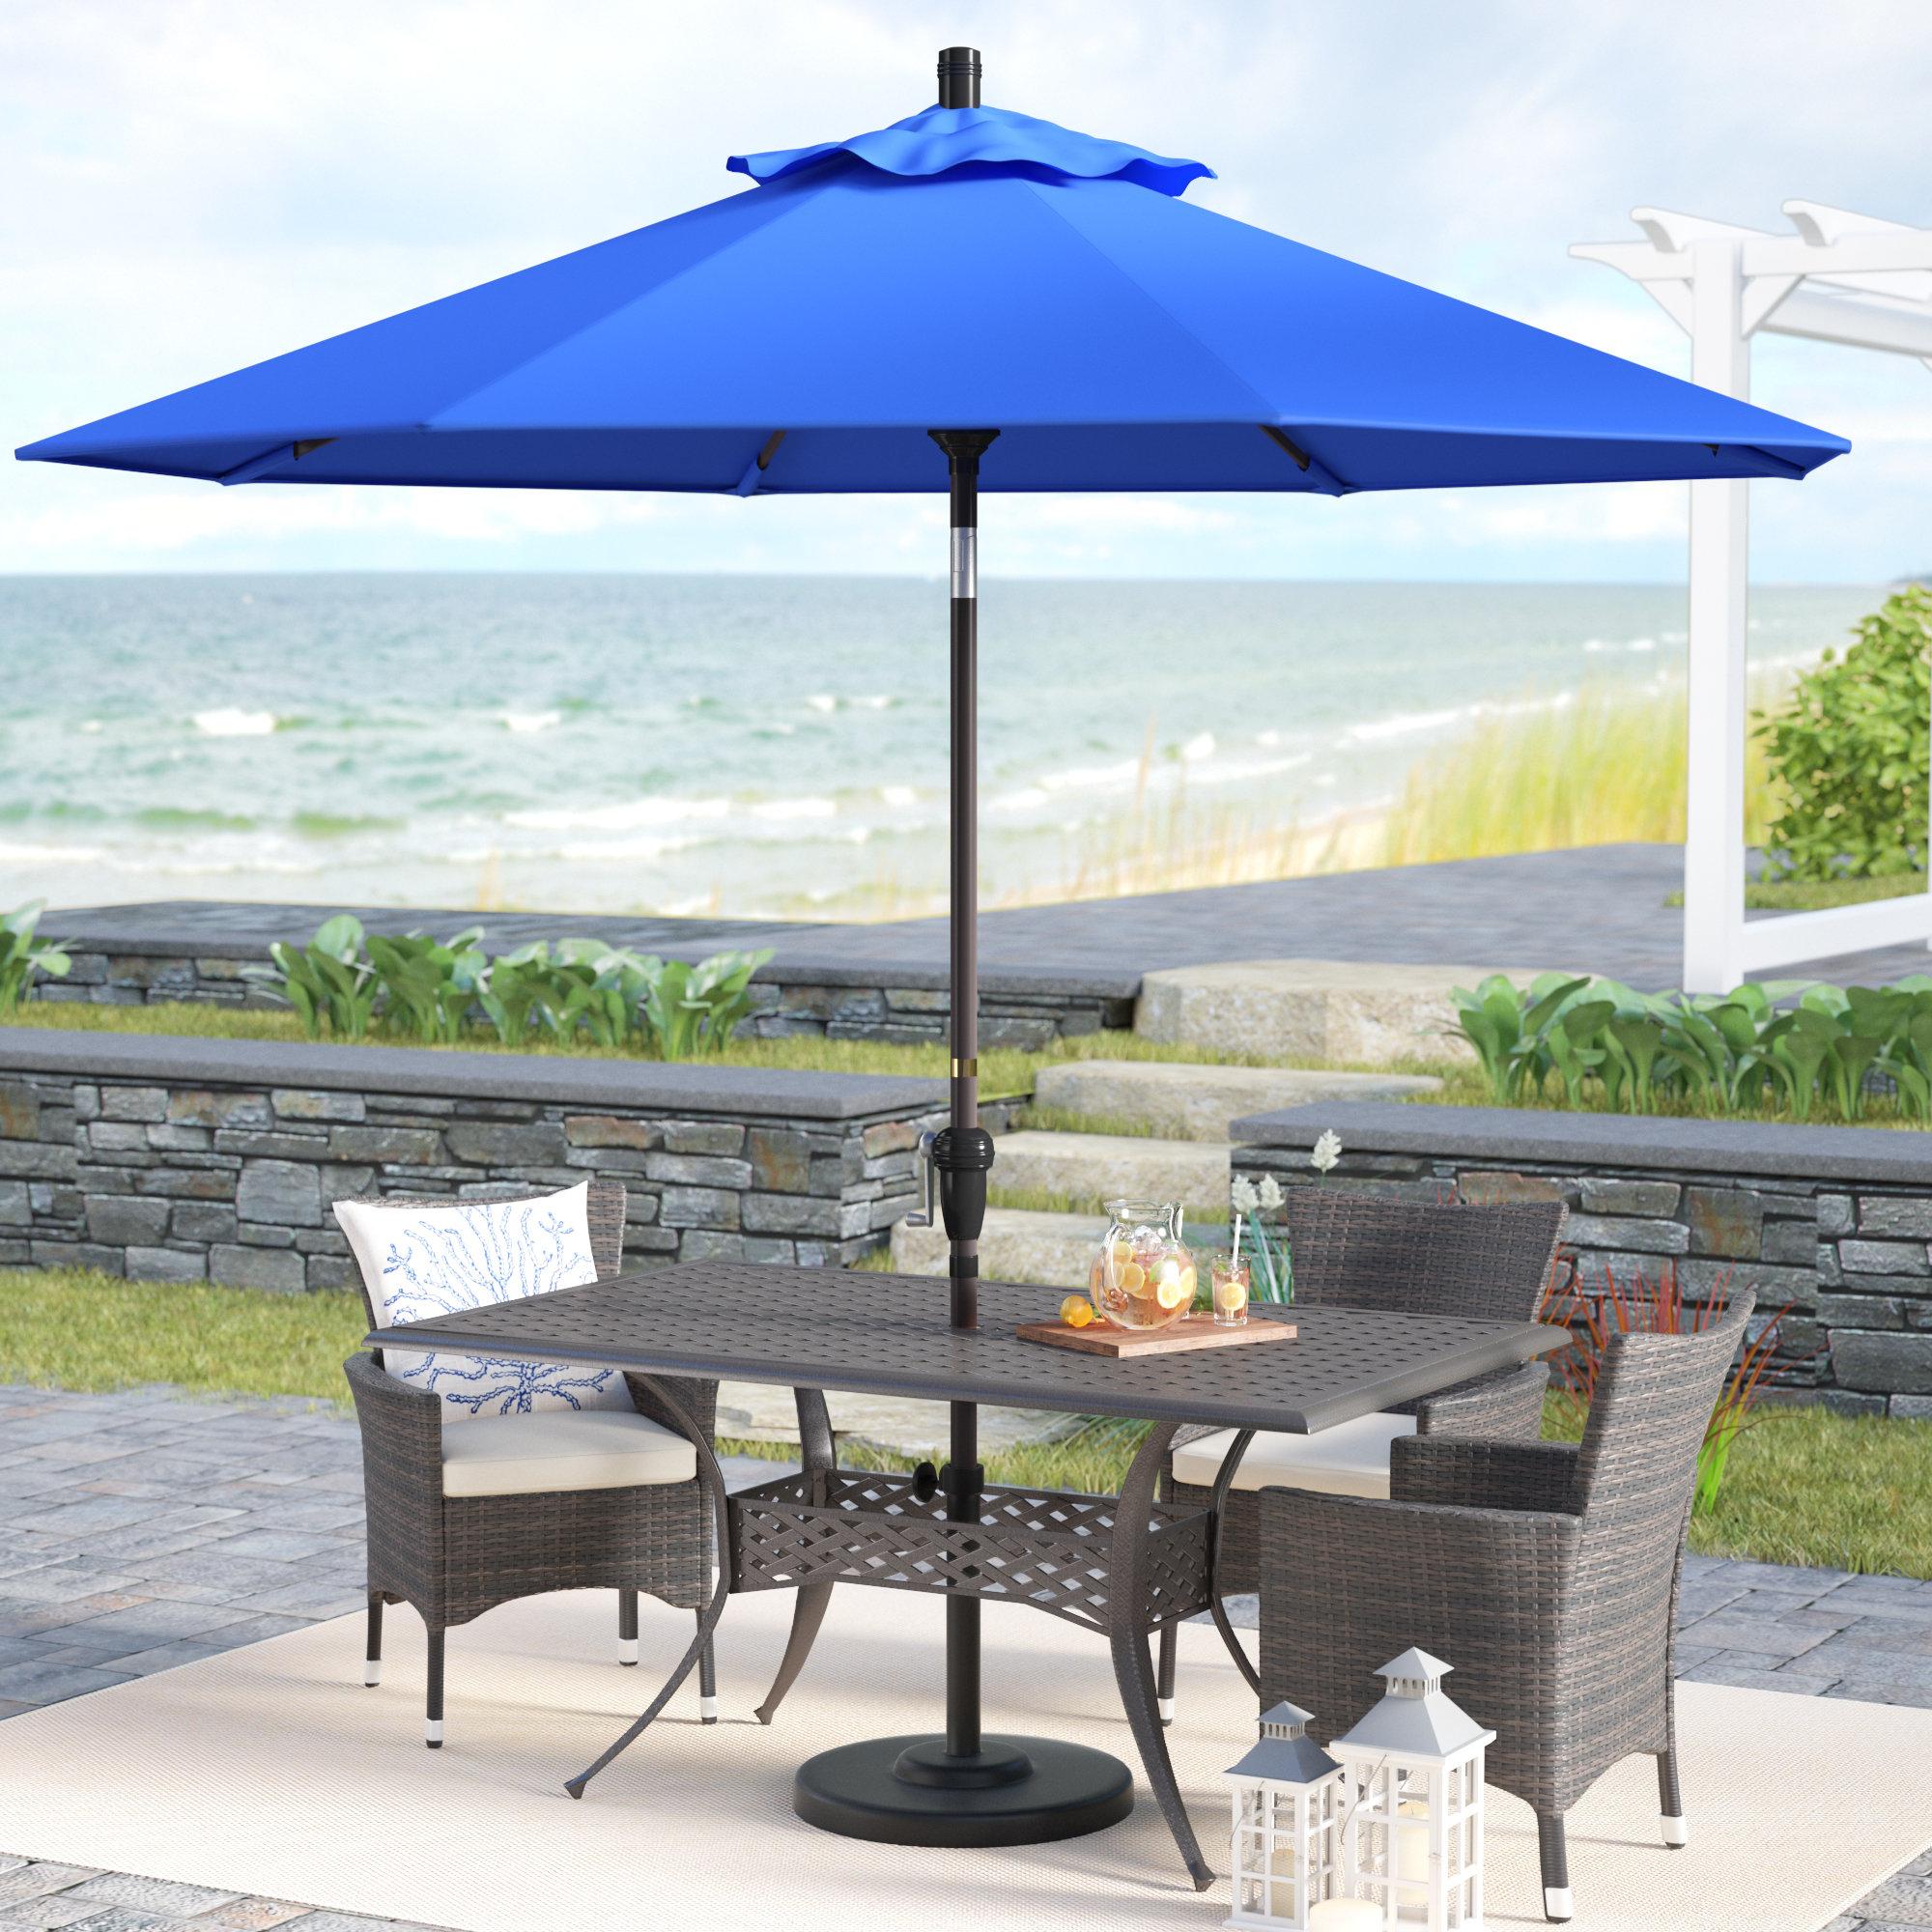 Preferred Mullaney 9' Market Sunbrella Umbrella With Wiebe Market Sunbrella Umbrellas (View 12 of 20)